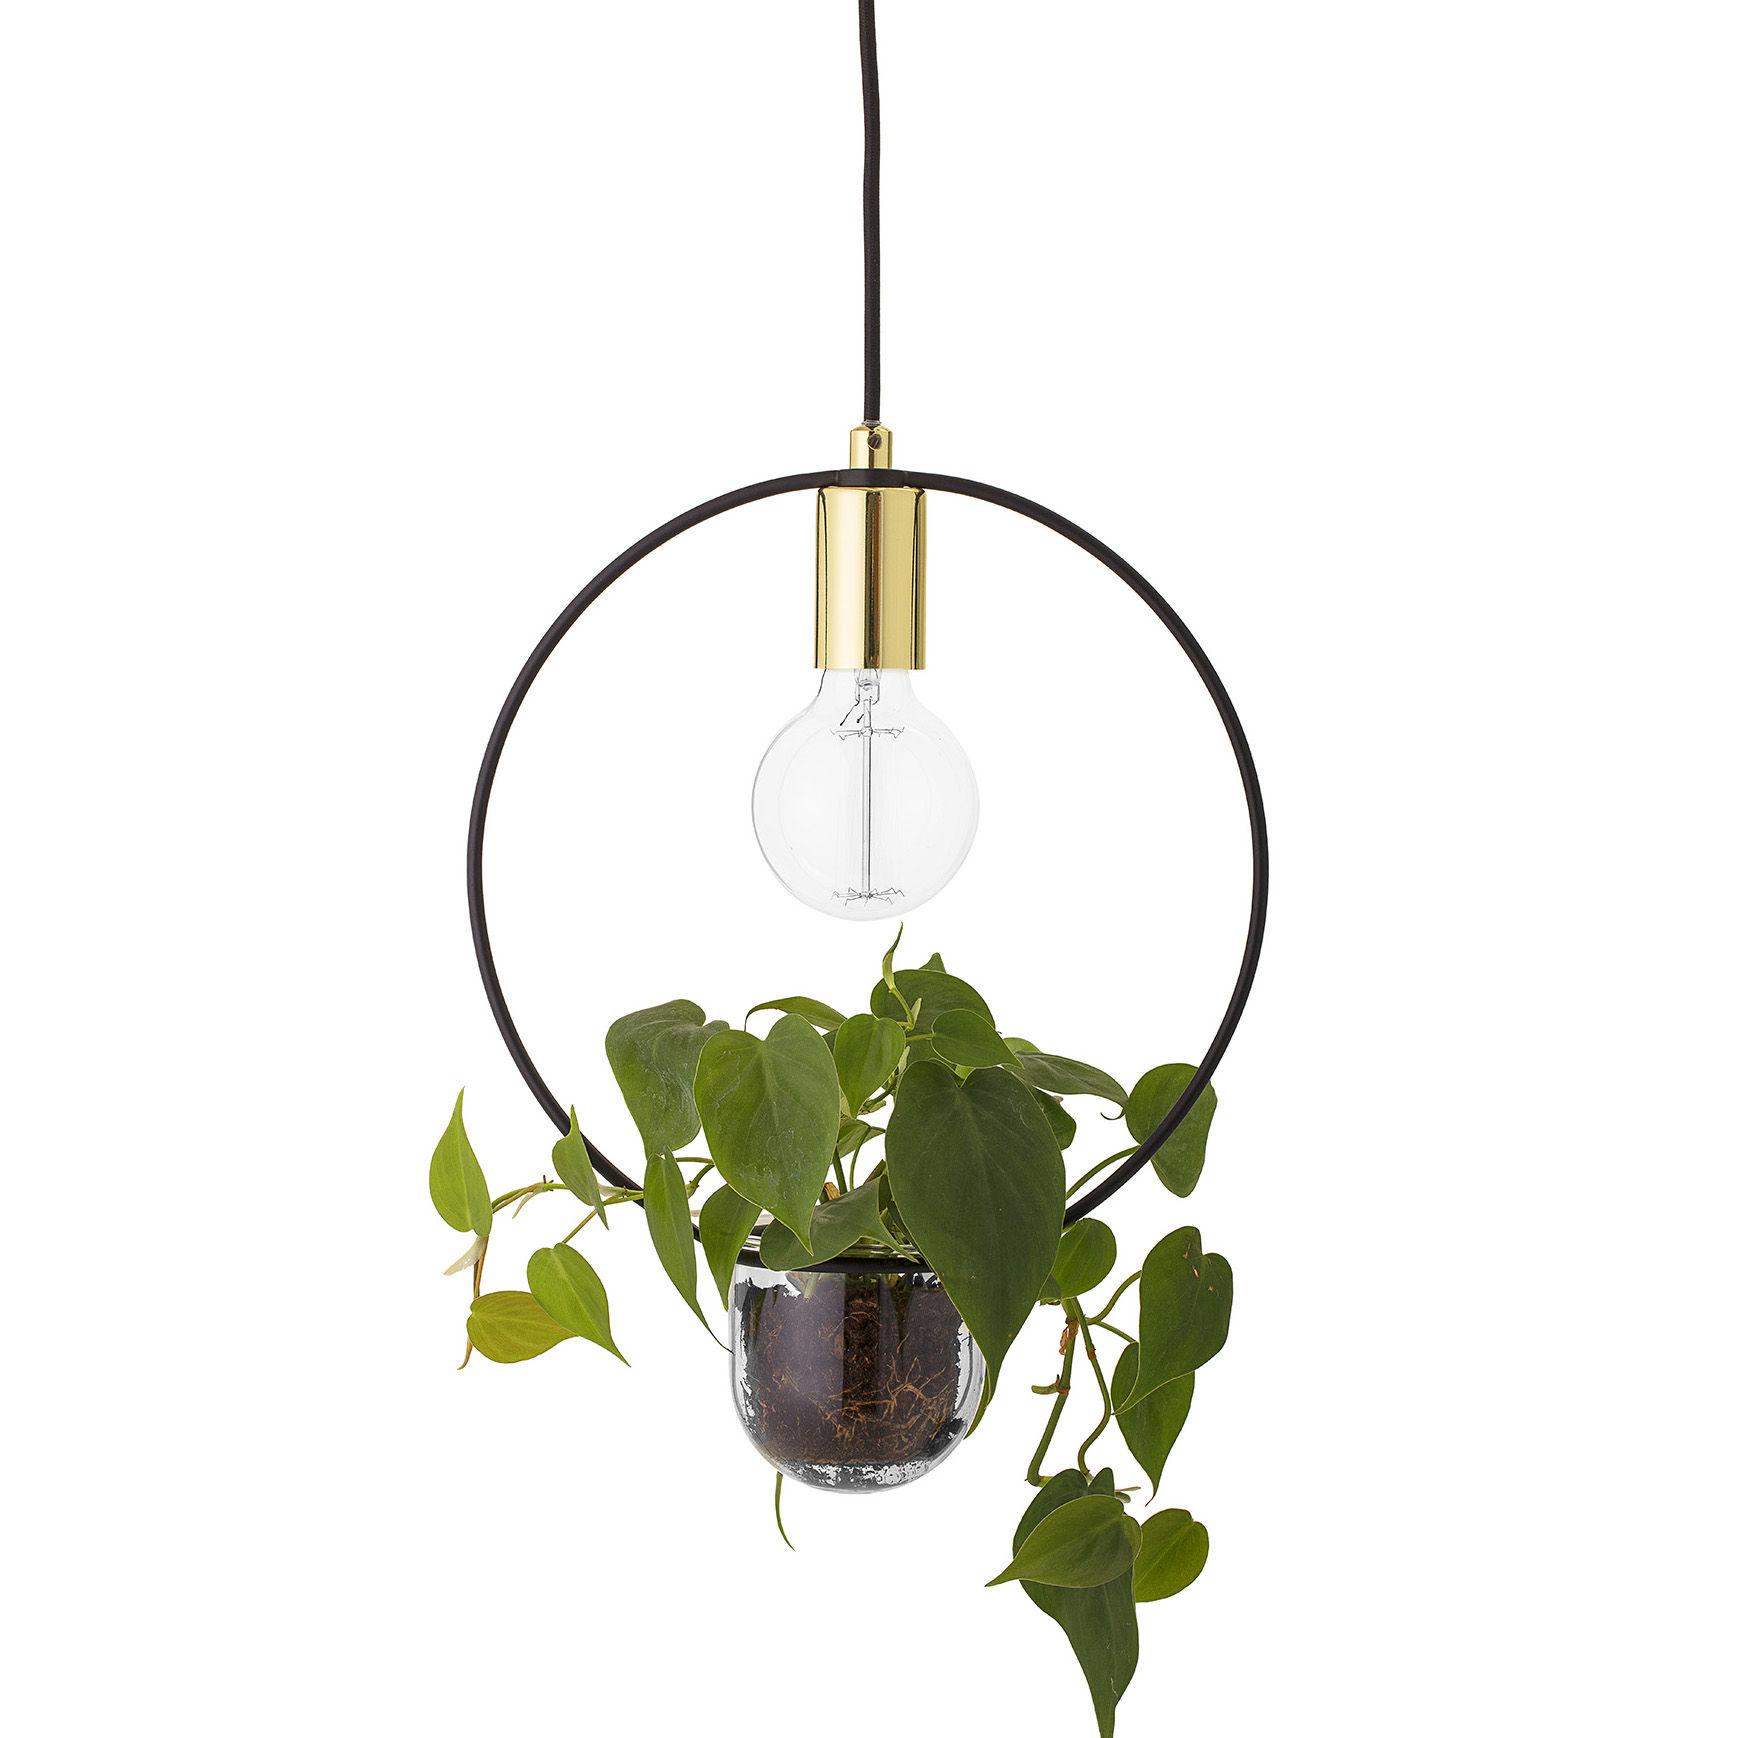 Luminaire - Suspensions - Suspension / Avec pot de fleurs - Ø 30 cm - Bloomingville - Ronde / Or & noir - Métal, Verre